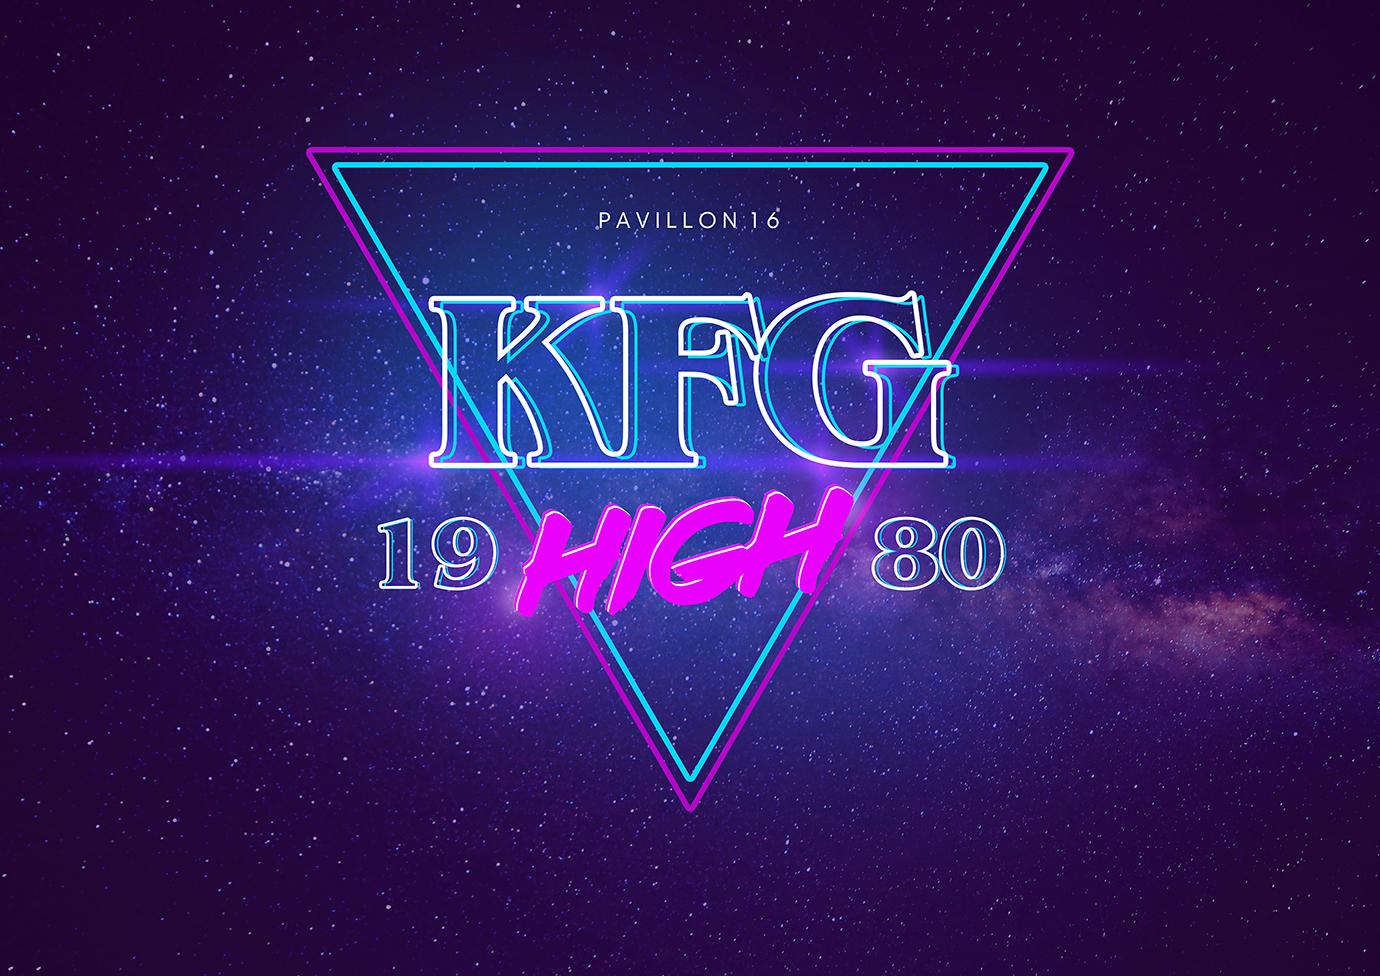 http://klassefelten-girst.de/uploads/2017/kfg-logo.jpg